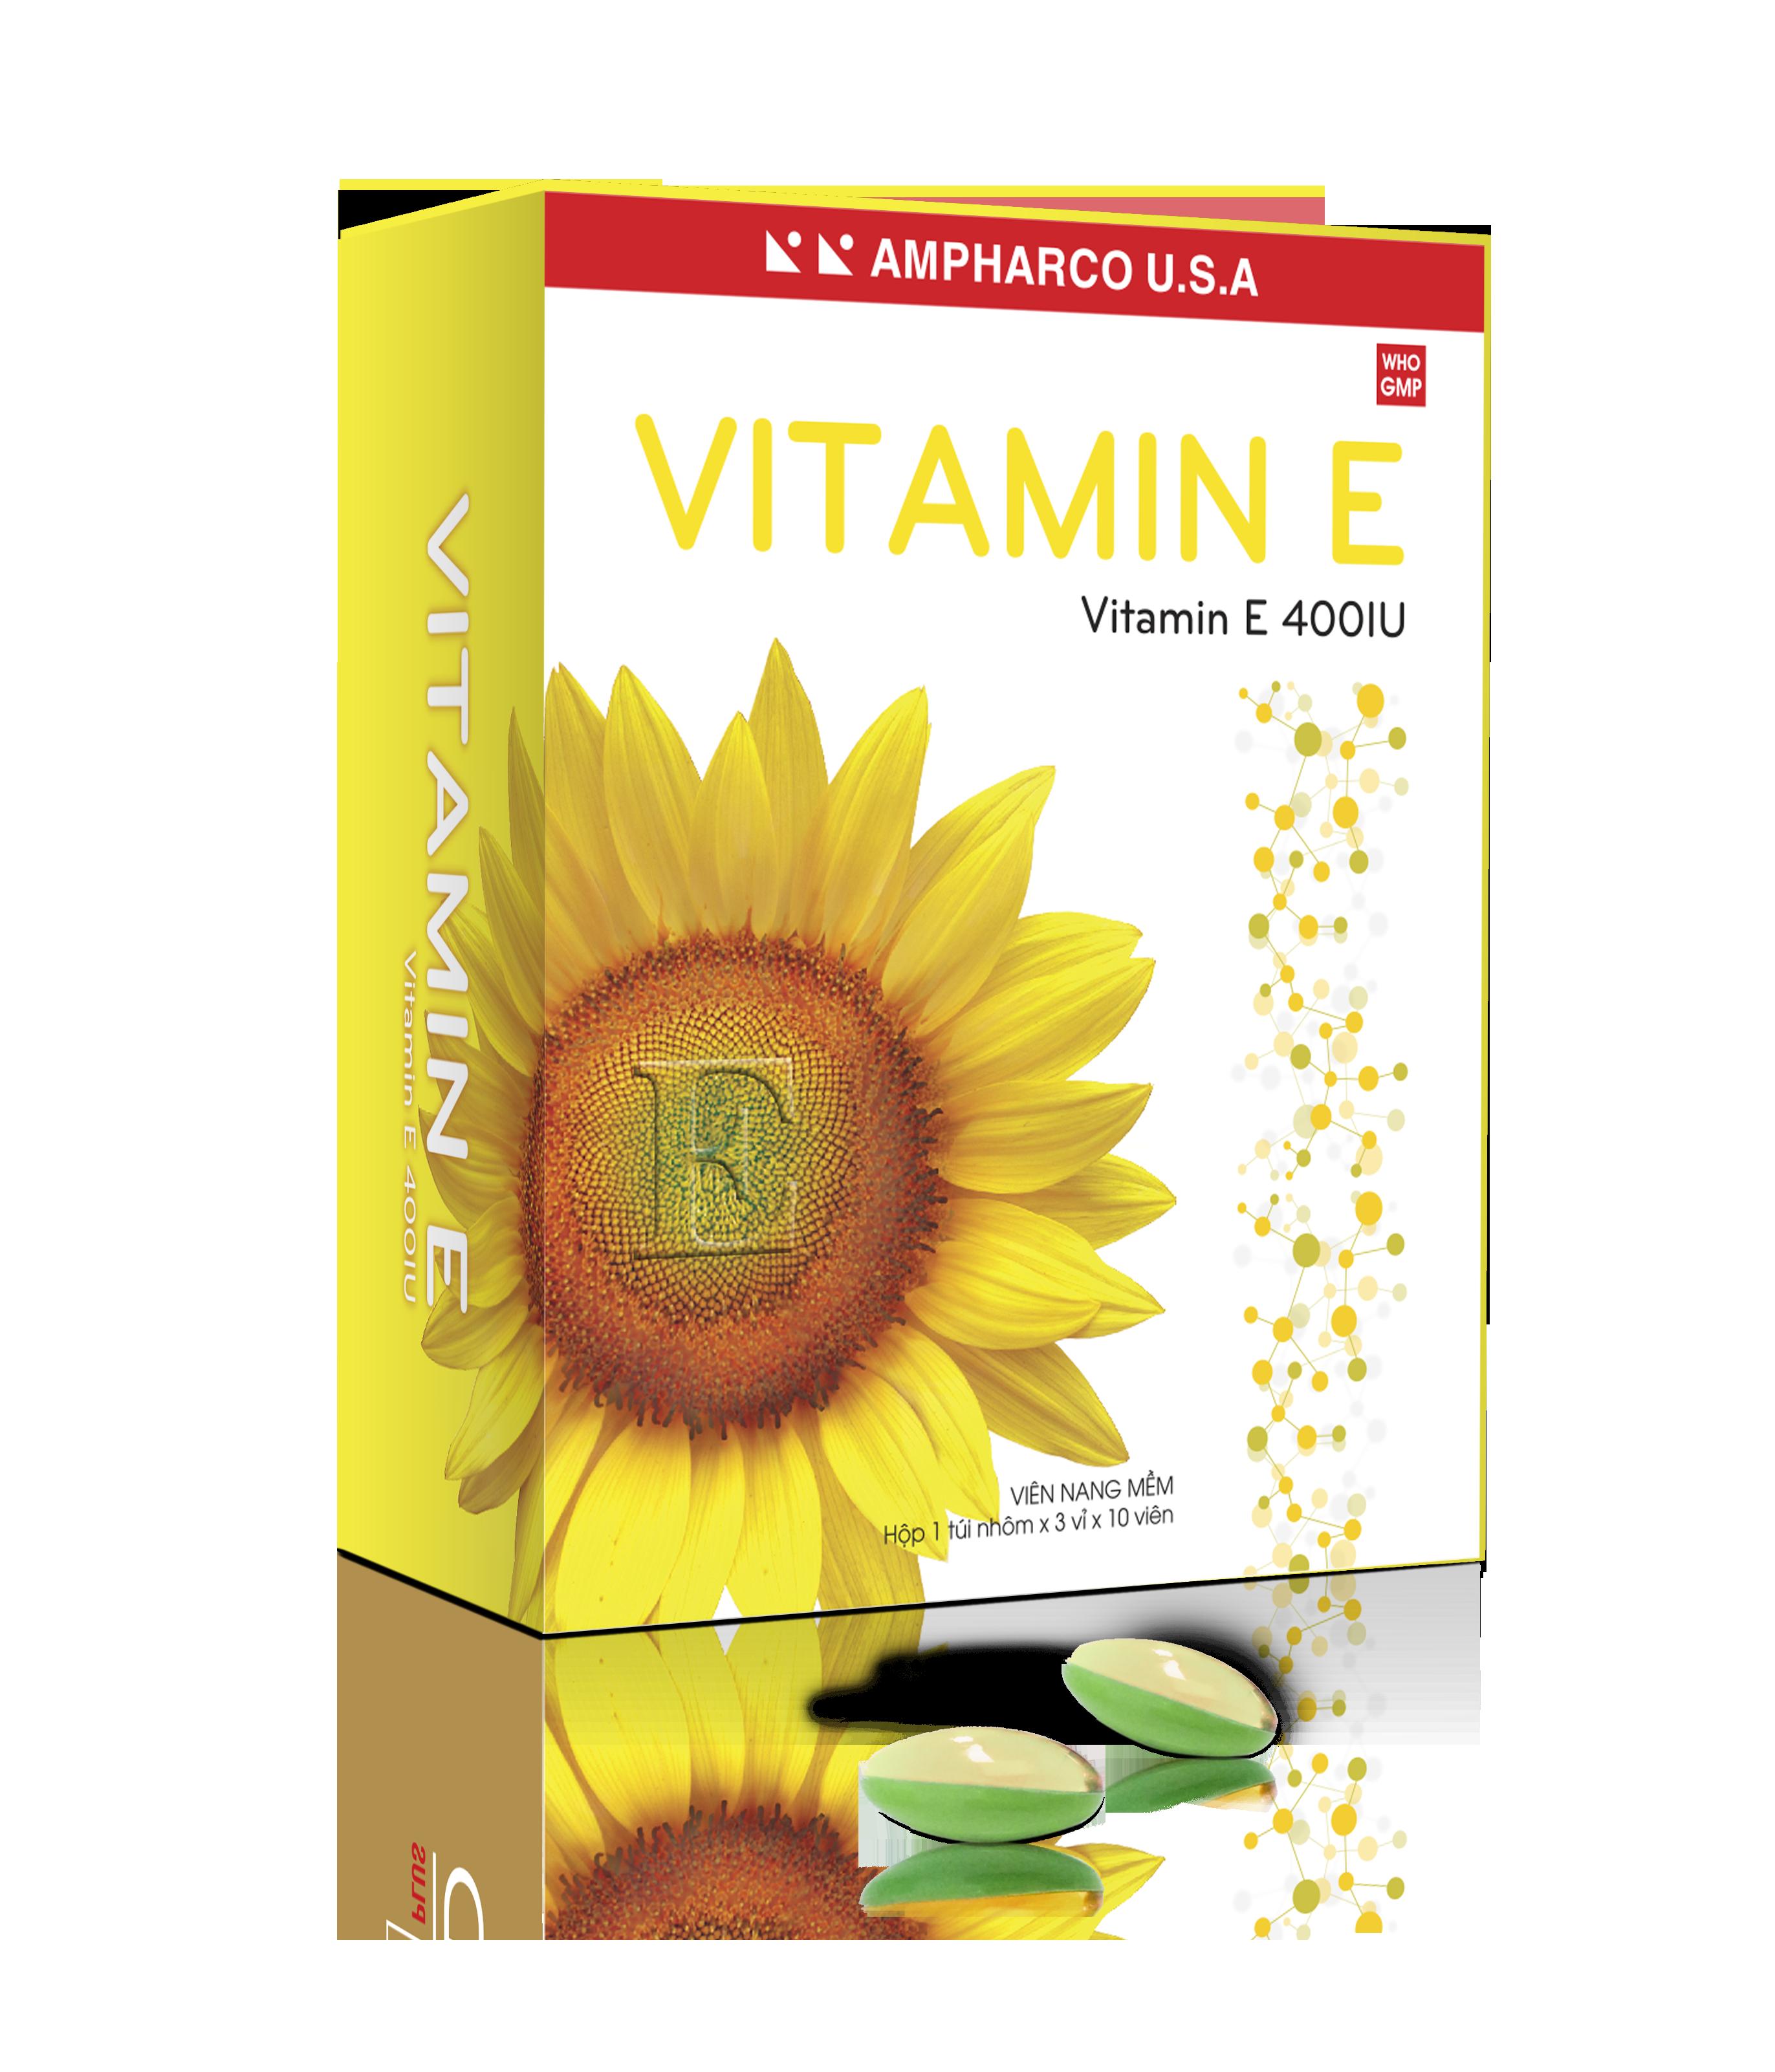 Thuốc bổ Vitamin E 400IU (AMPHARCO U.S.A) hộp 3 vỉ x 10 viên